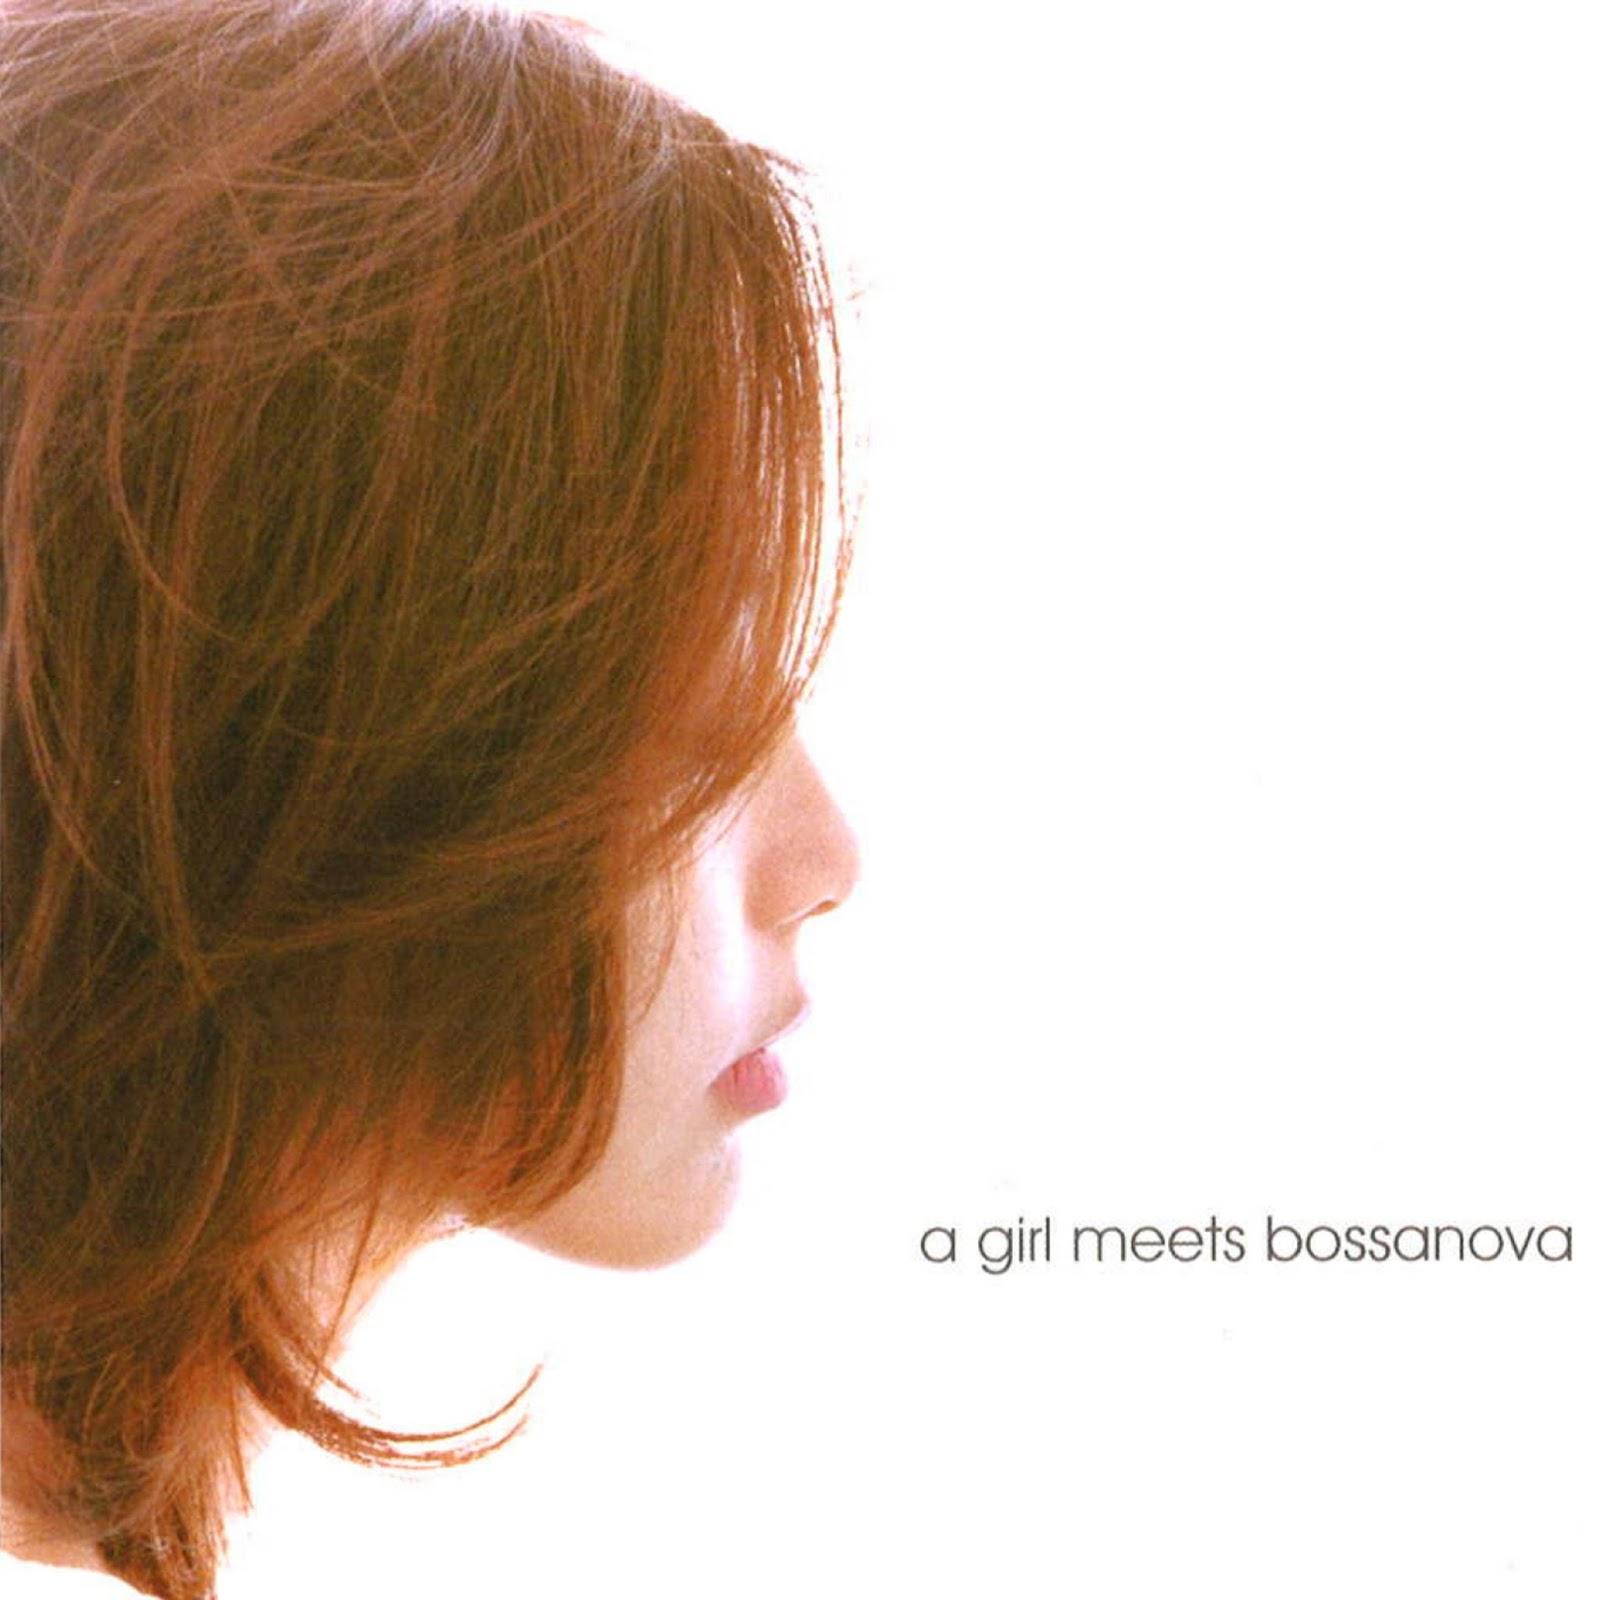 olivia ong a girl meets bossanova lyrics Olivia ong (2 de outubro de 1985) é uma cantora de singapura ela lançou o álbum a girl meets bossa nova, com músicas inspiradas na bossa nova.